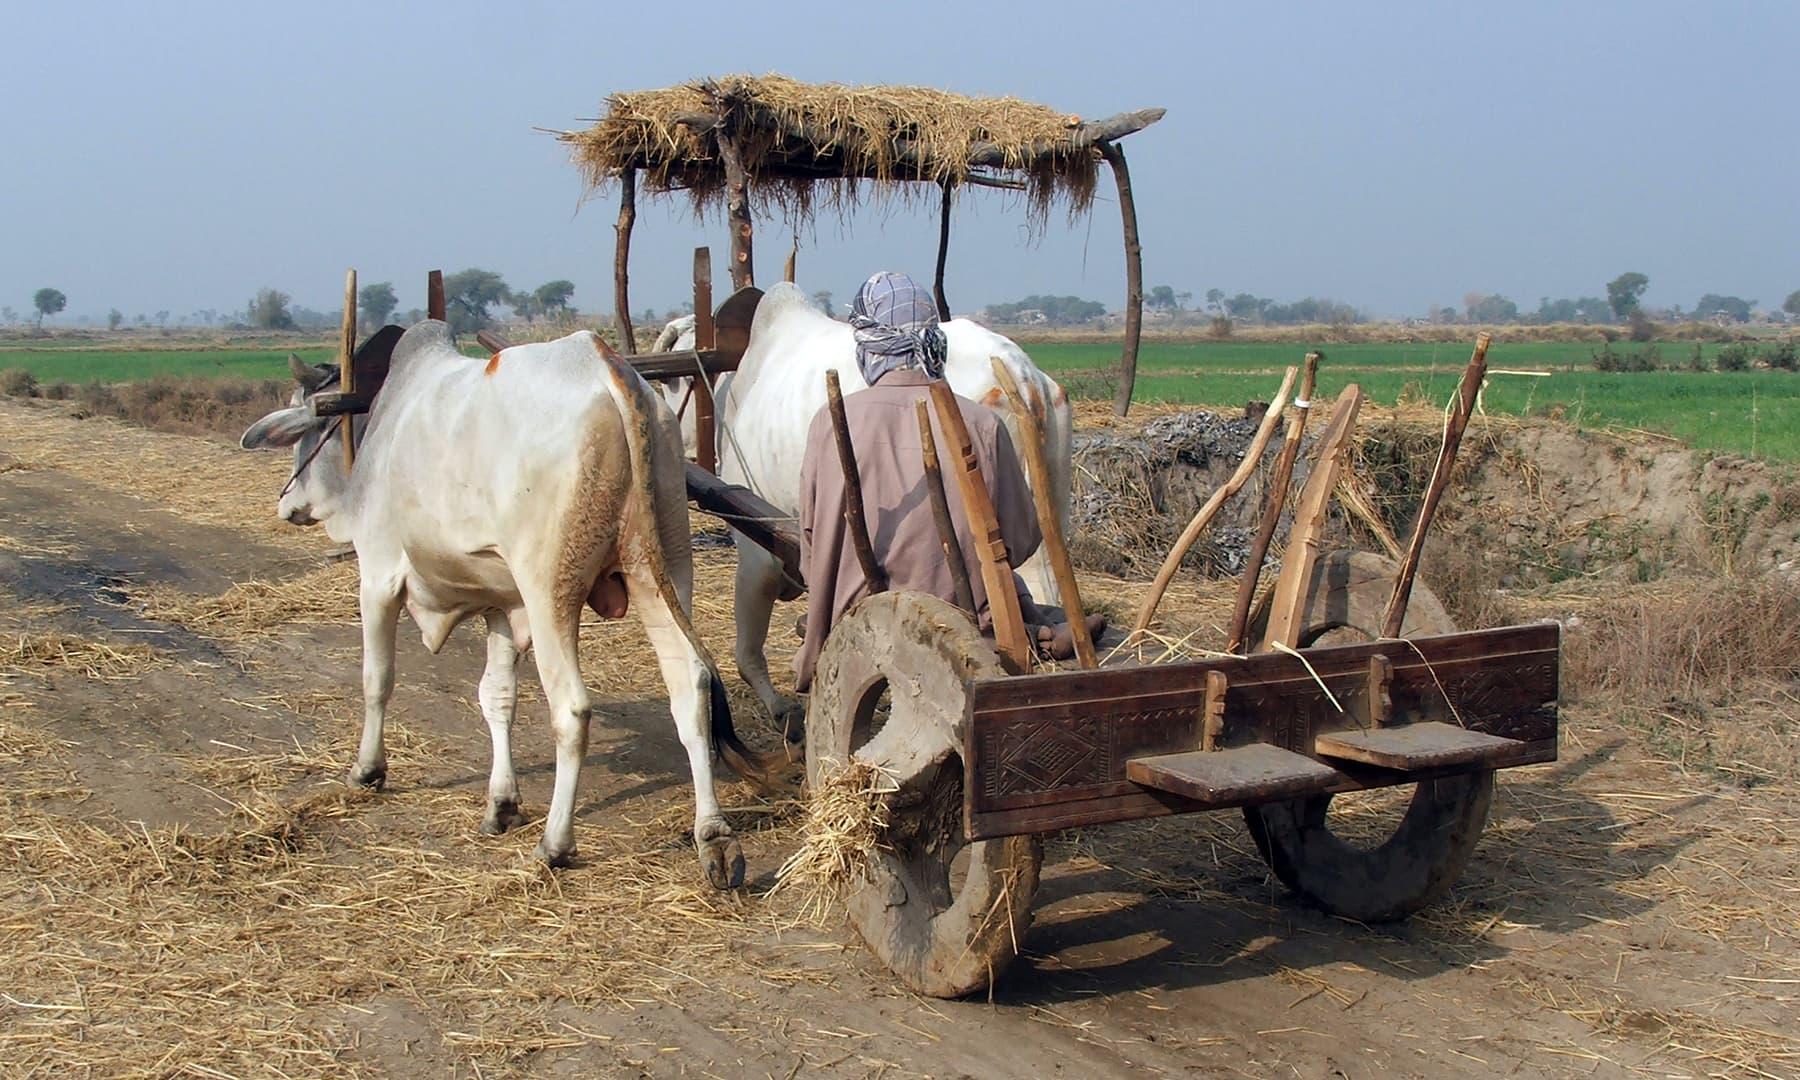 لکڑی کے پہیوں والی بیل گاڑی چرخ چوں چرخ چوں کرتی چیونٹی کی رفتار سے چلتی چند میل کا فاصلہ کئی گھنٹوں میں طے کرکے گاؤں پہنچاتی تھی